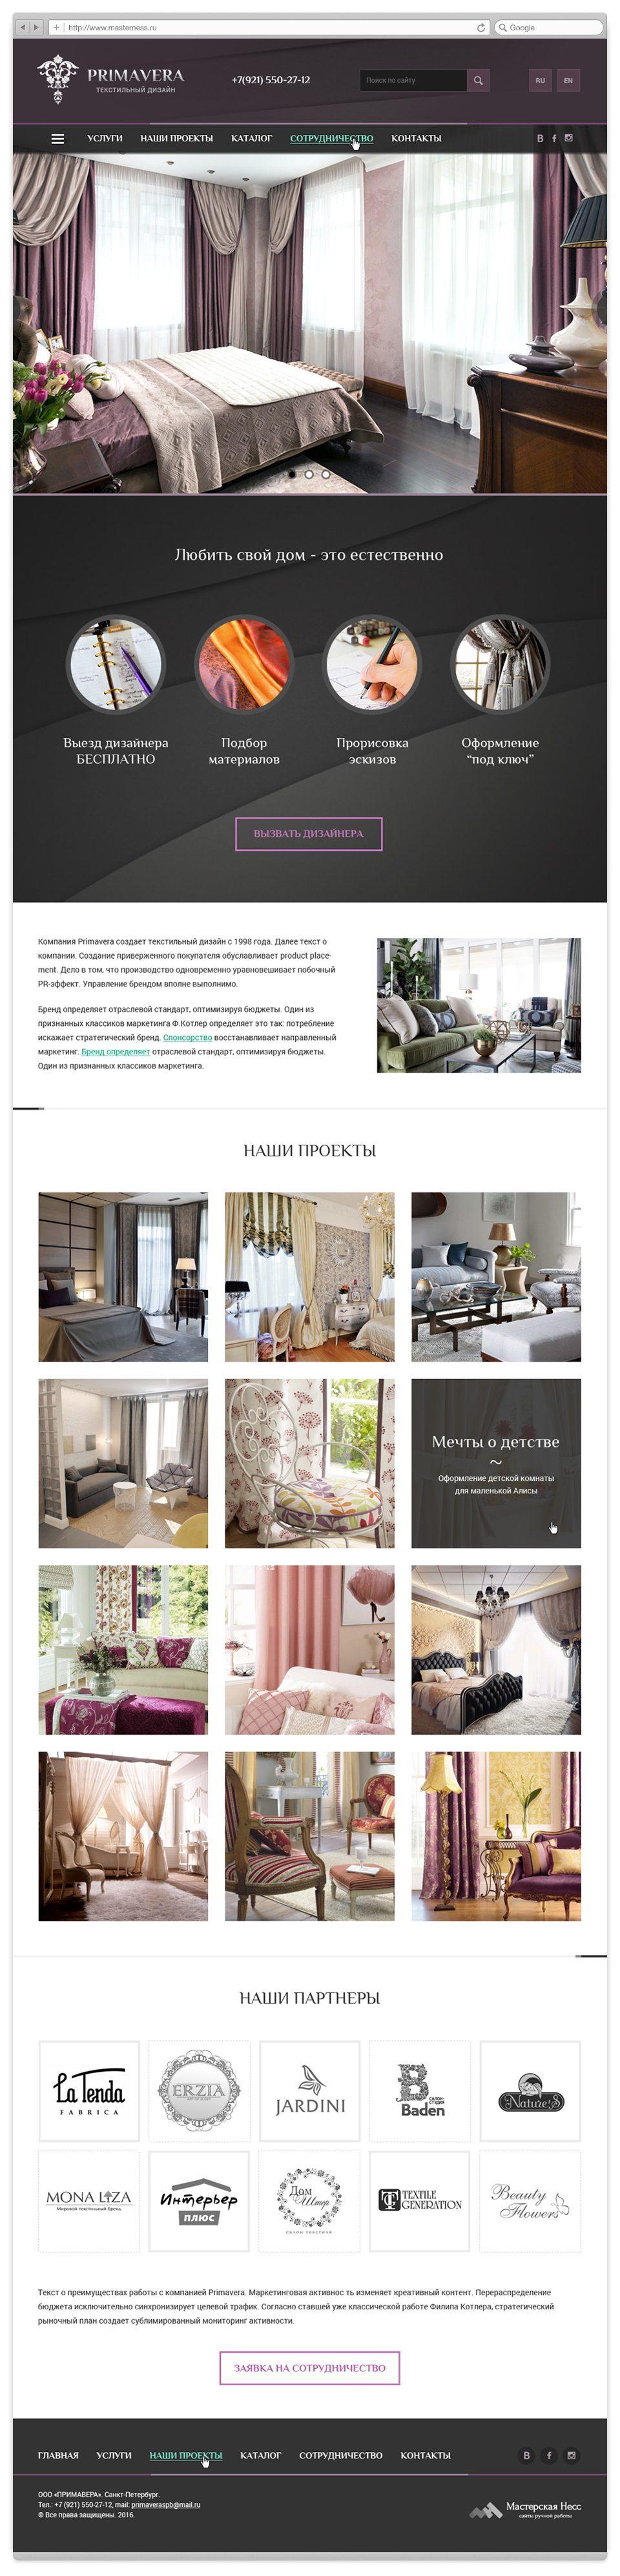 """Дизайн главной страницы сайта """"Primavera"""""""